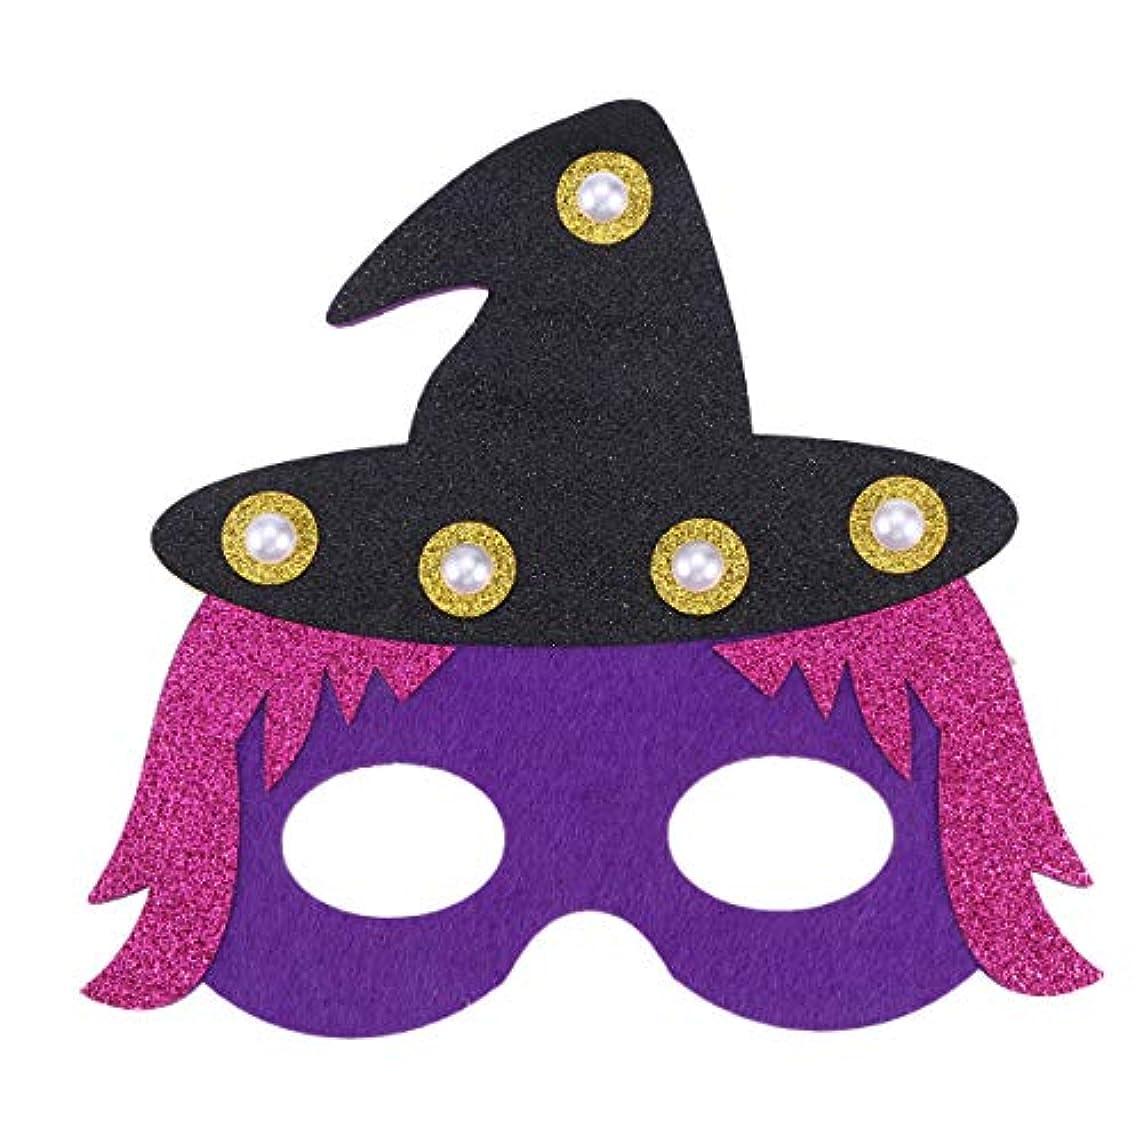 時間厳守天井別にLurrose ハロウィンマスクドレスアップフェルトアイマスクled不織布アイマスク子供用大人マスカレードパーティーコスプレ写真小道具